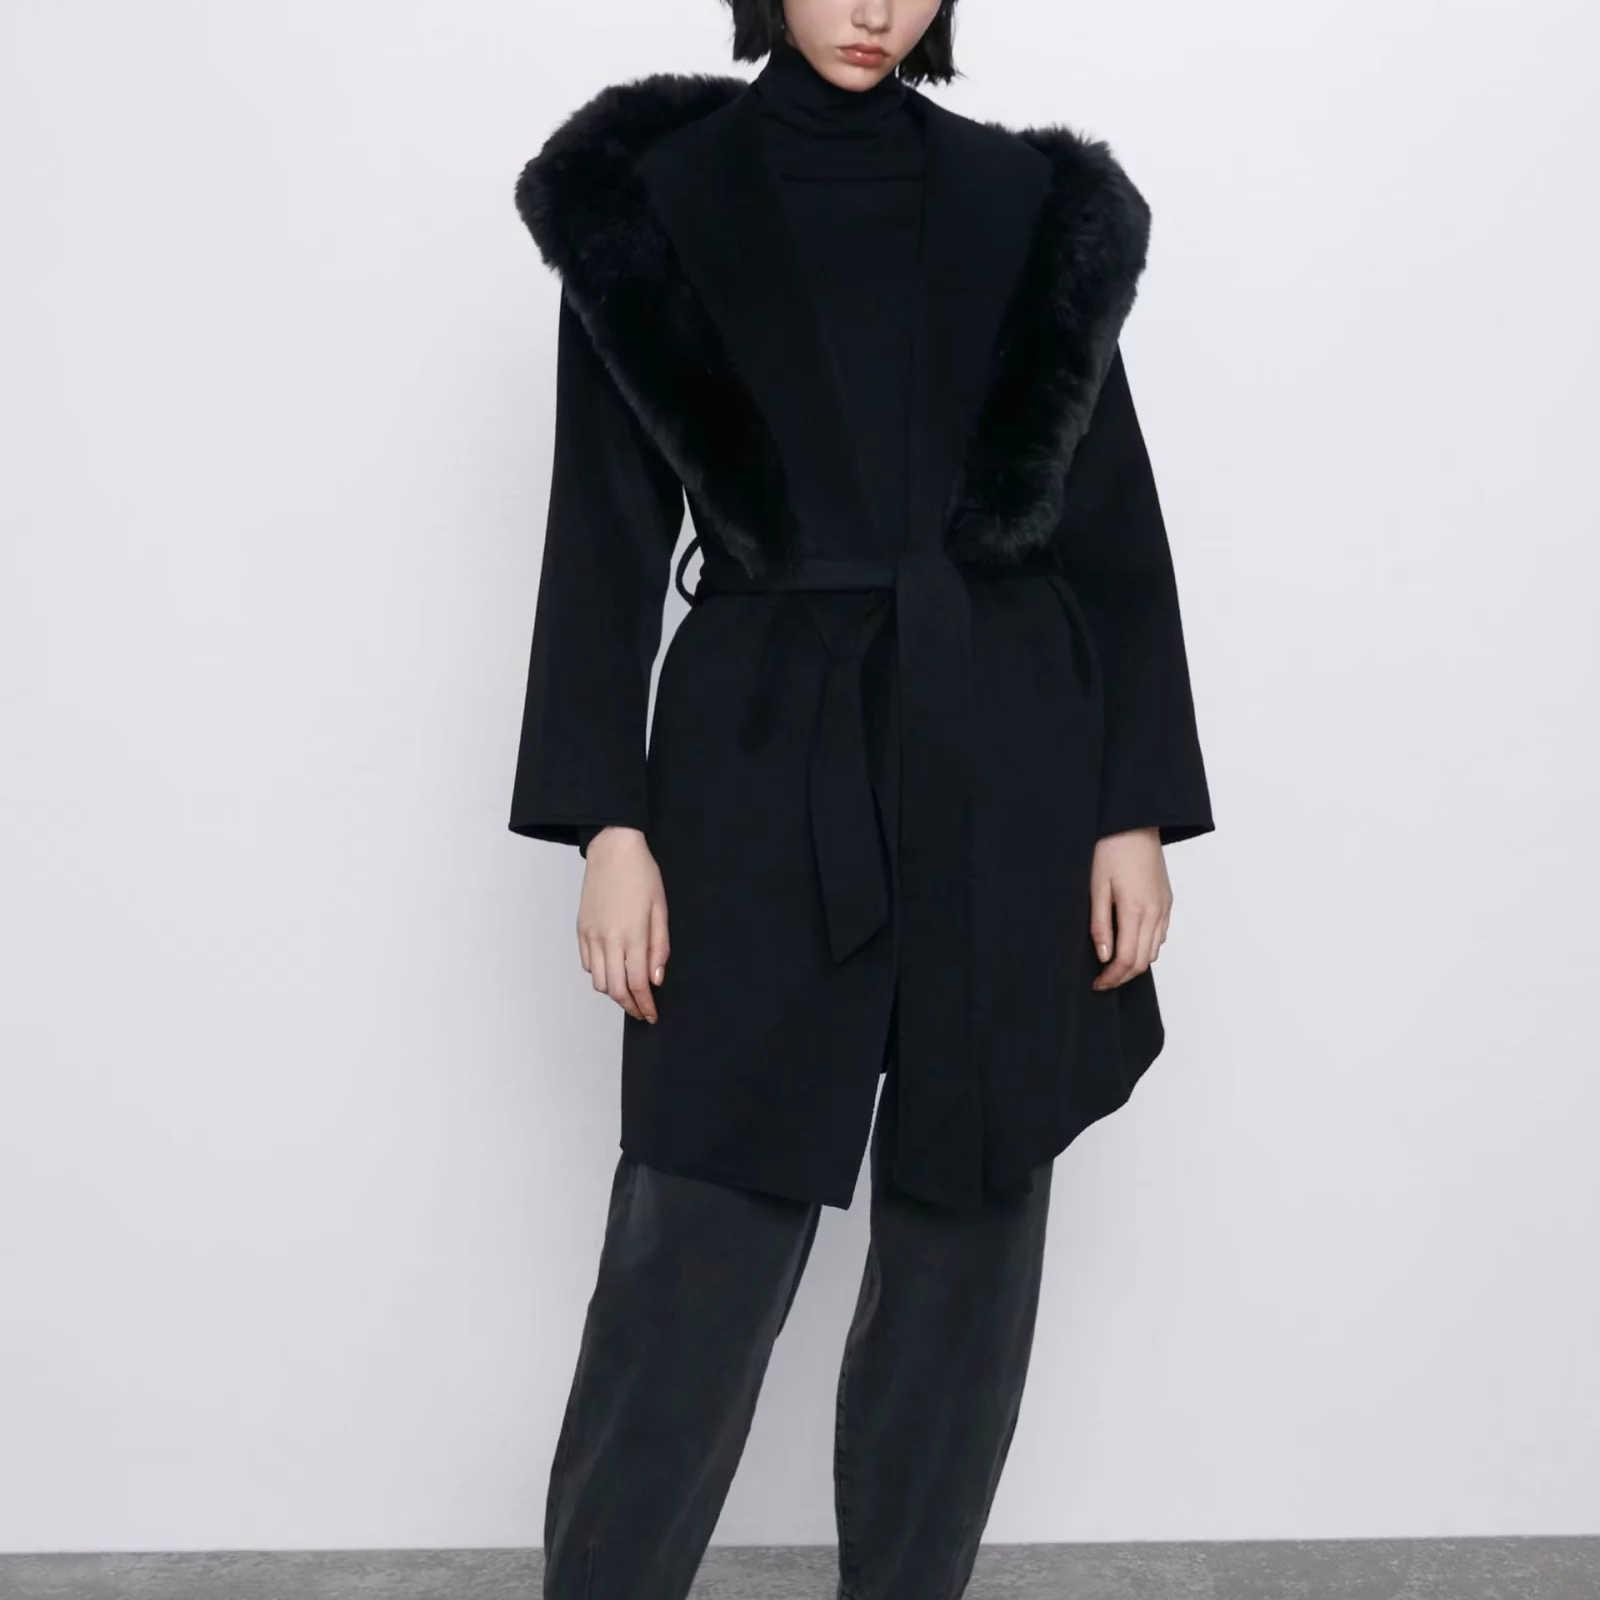 Papan Musim Gugur Musim Dingin Wol Mantel Wanita Bulu Kerah Ikat Pinggang Hangat Fashion Wanita Pakaian Wol Mantel Jaket Wanita Wanita pakaian